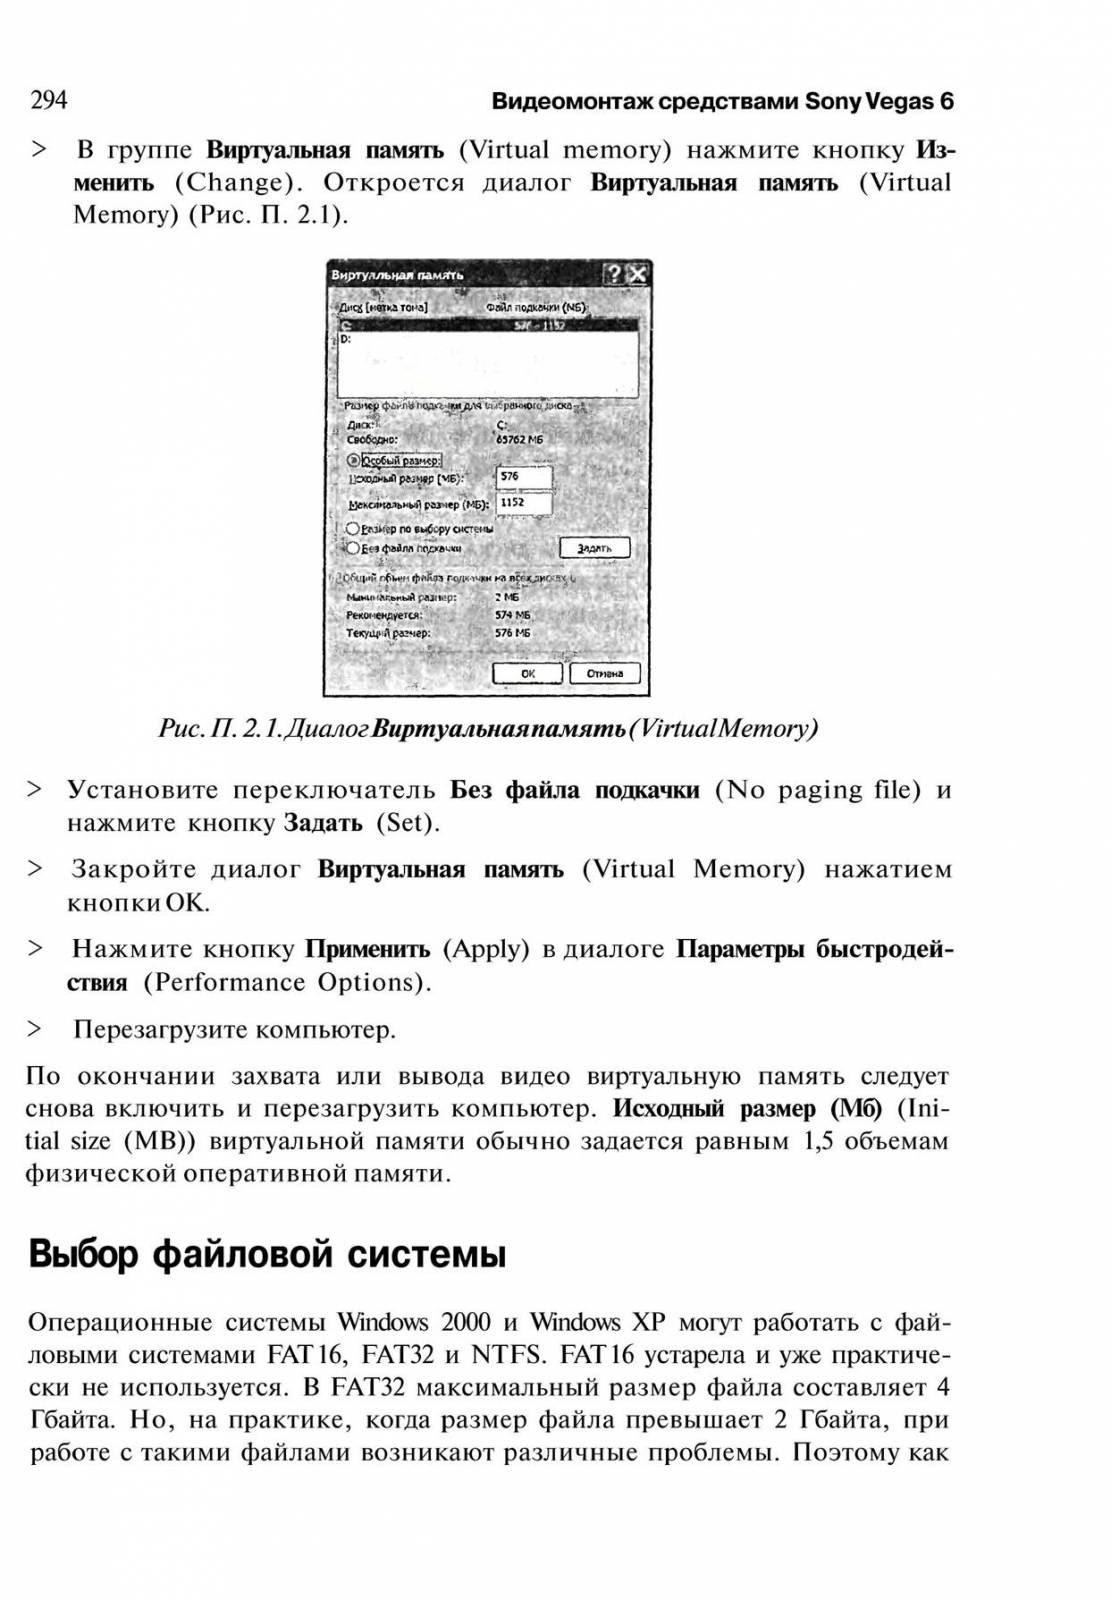 http://redaktori-uroki.3dn.ru/_ph/14/823946851.jpg